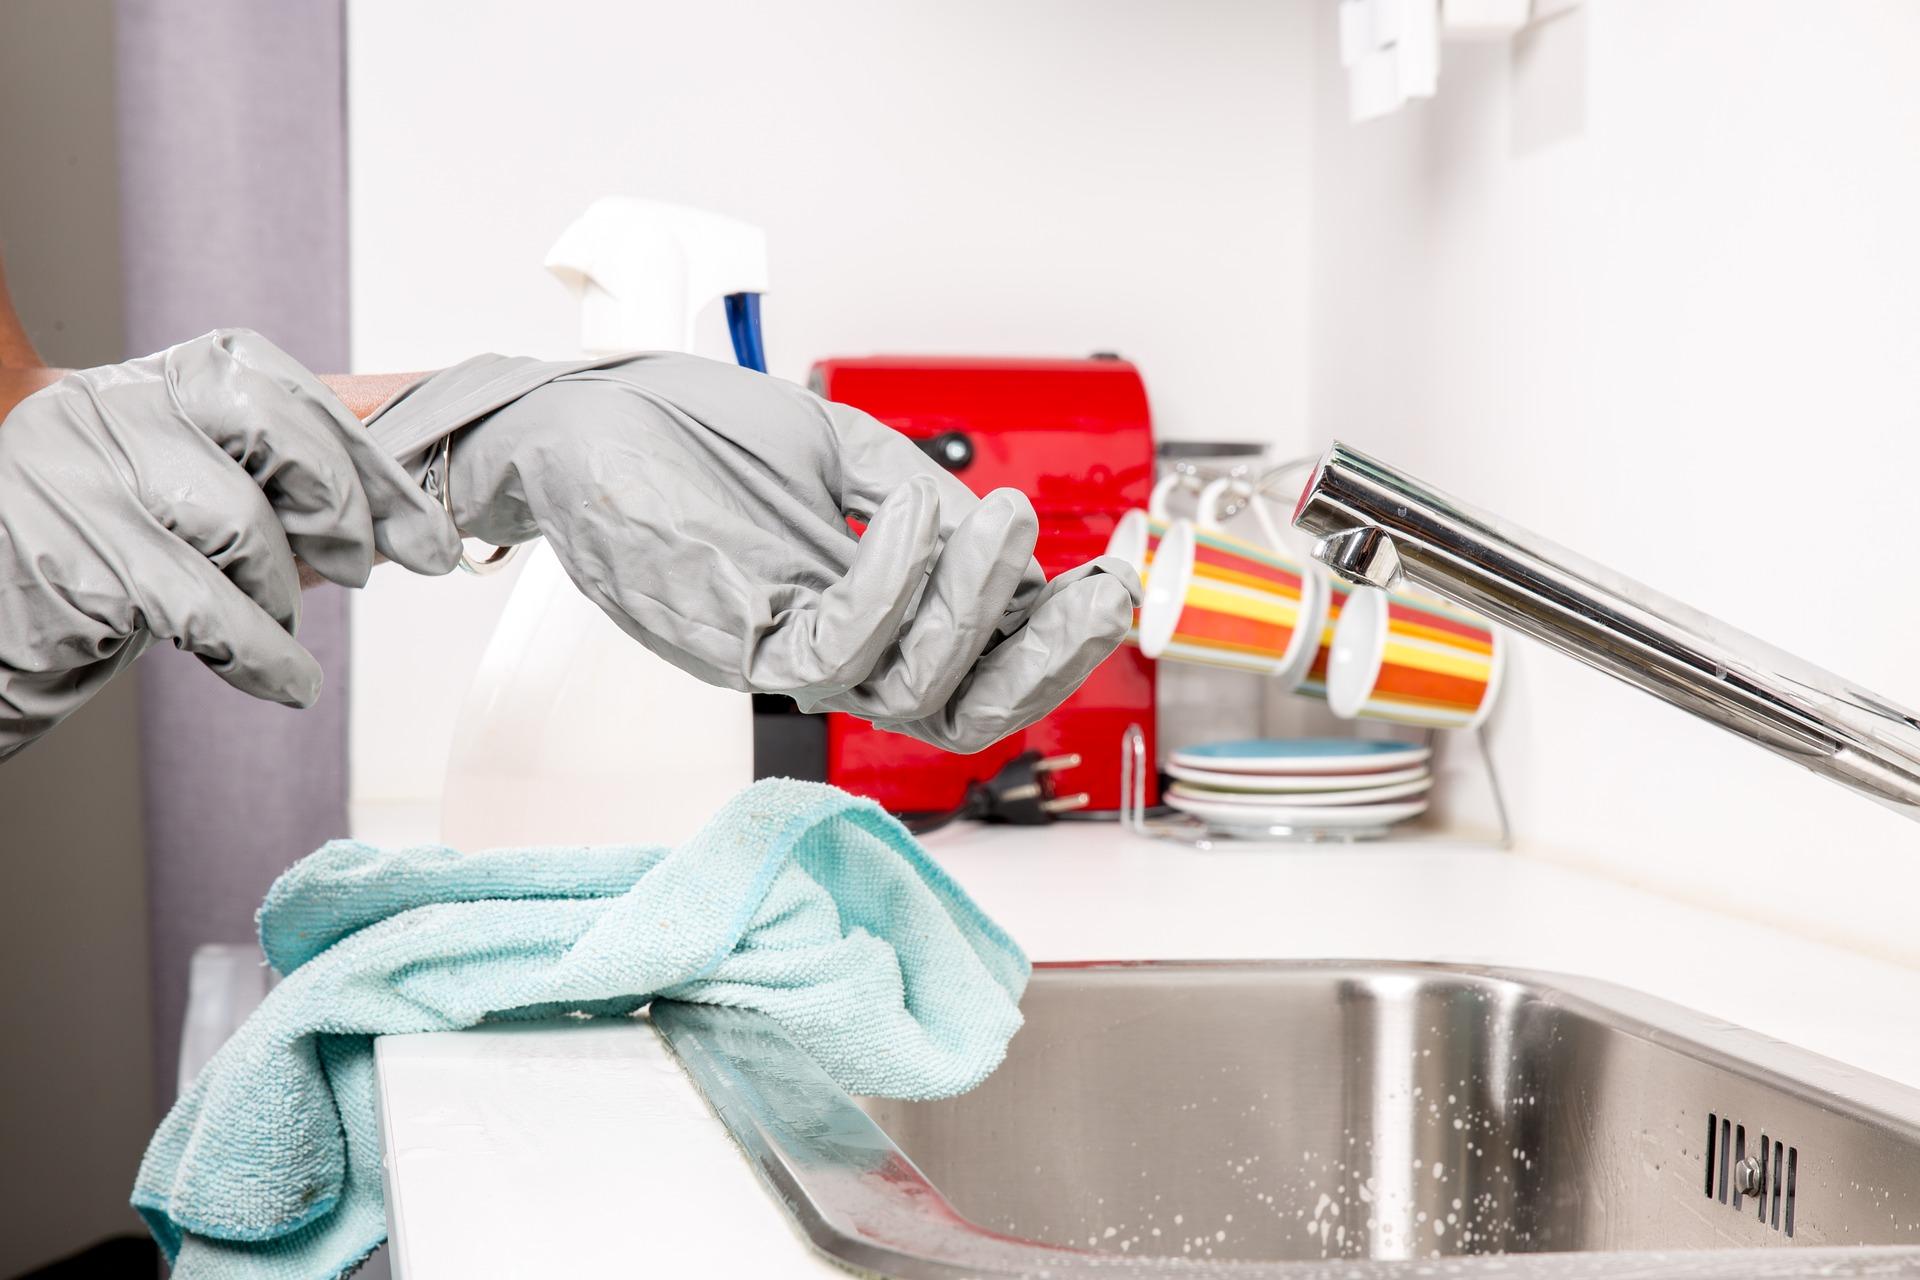 Modalità Desperate Housewife ON: ecco i miei prodotti preferiti per la pulizia della casa